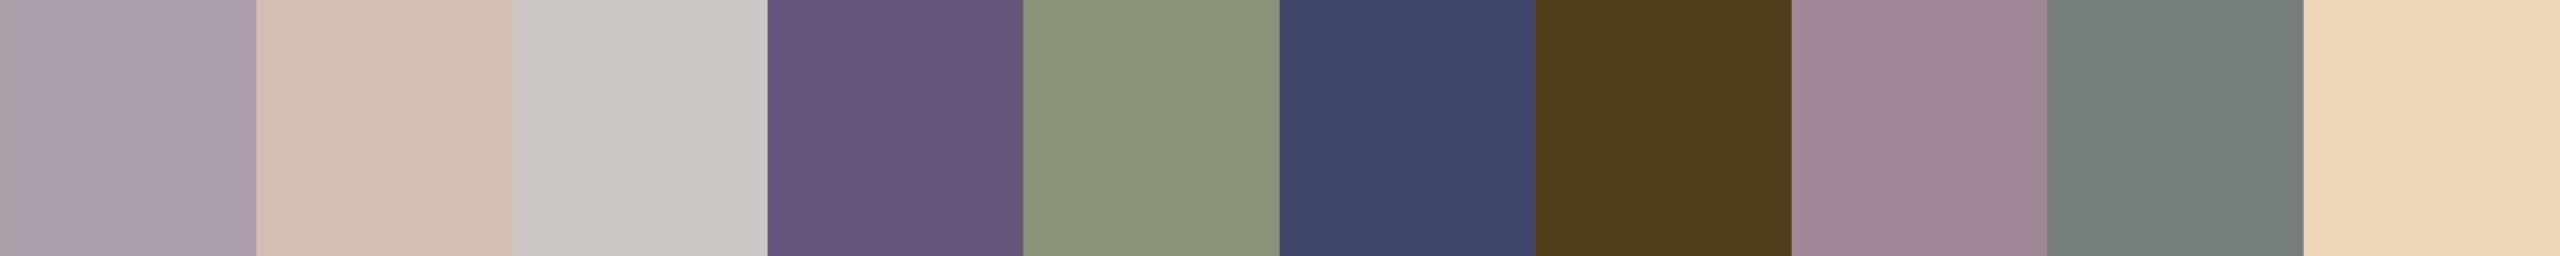 625 Medkepia Color Palette